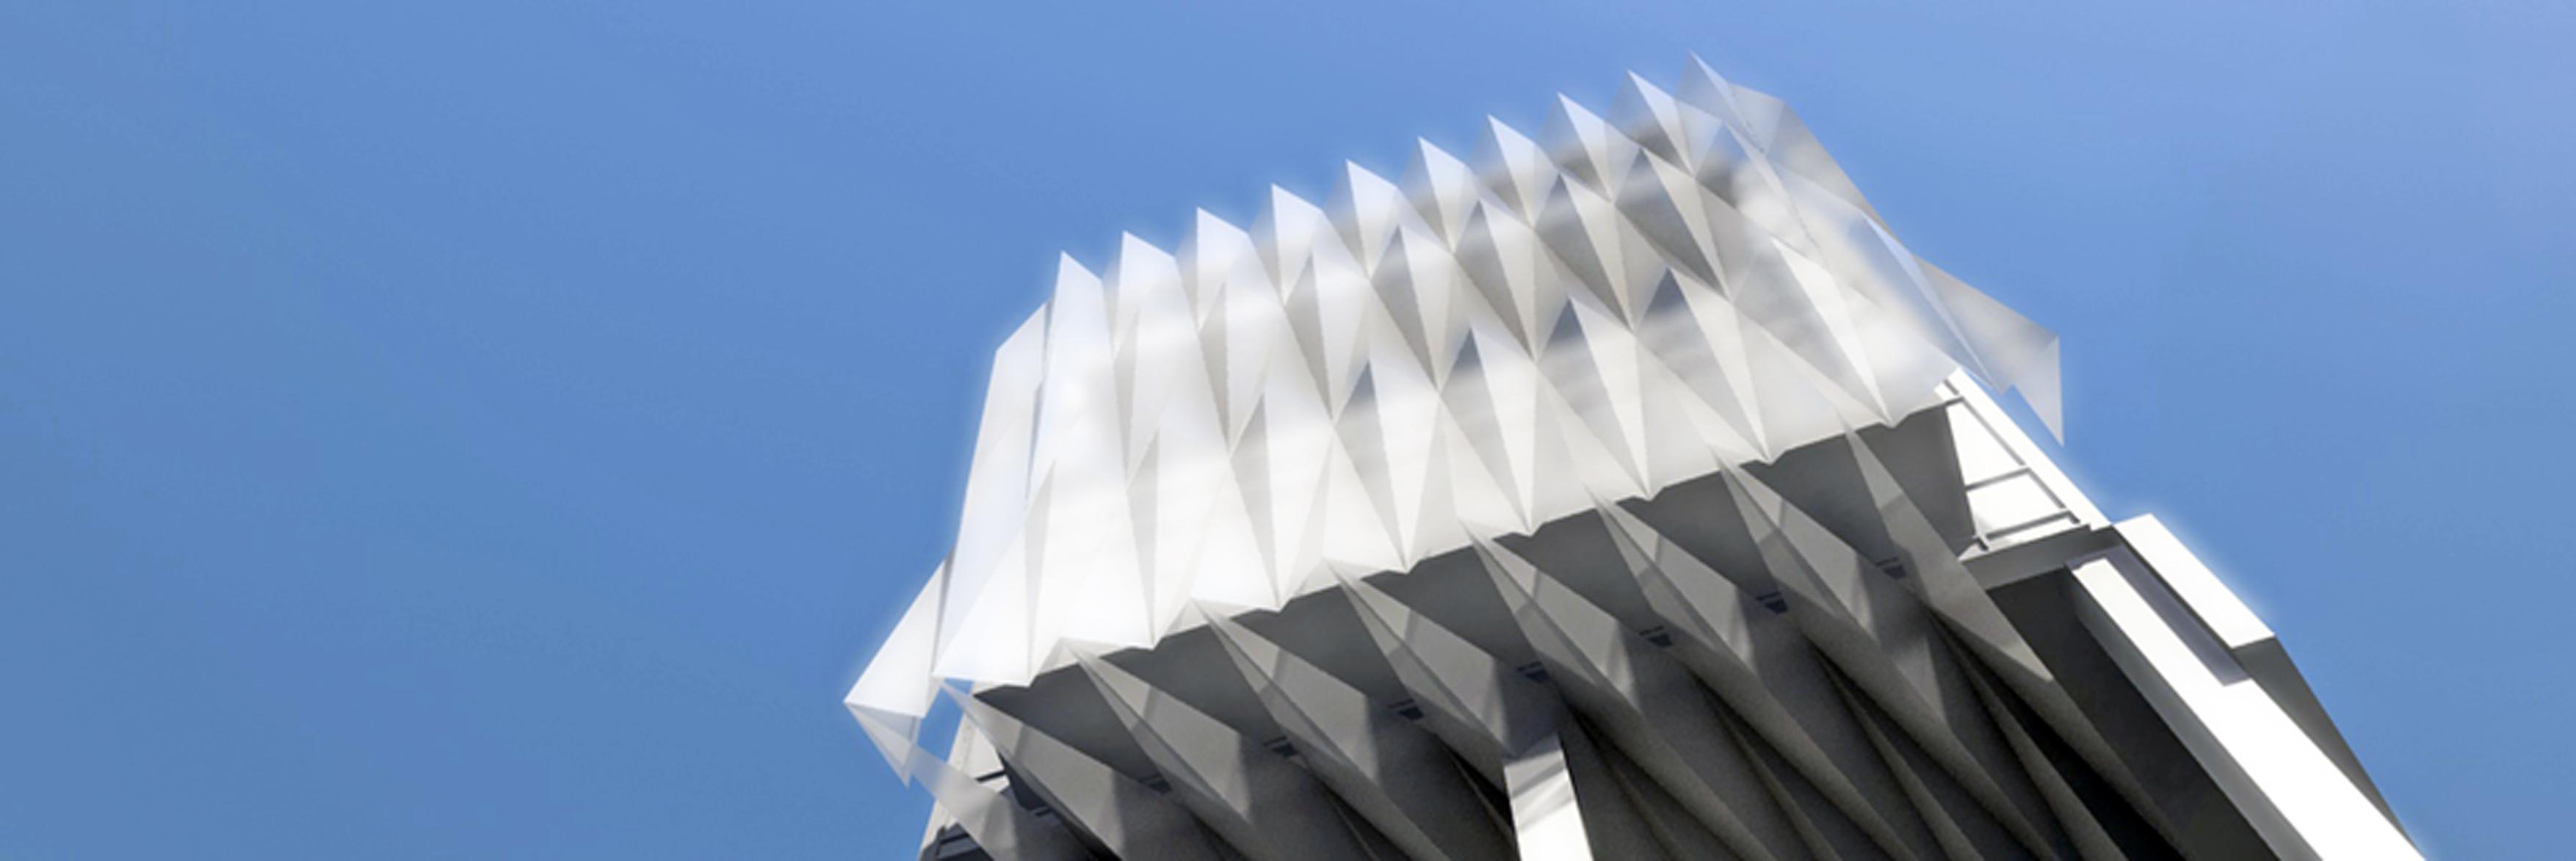 Facade Concept Design